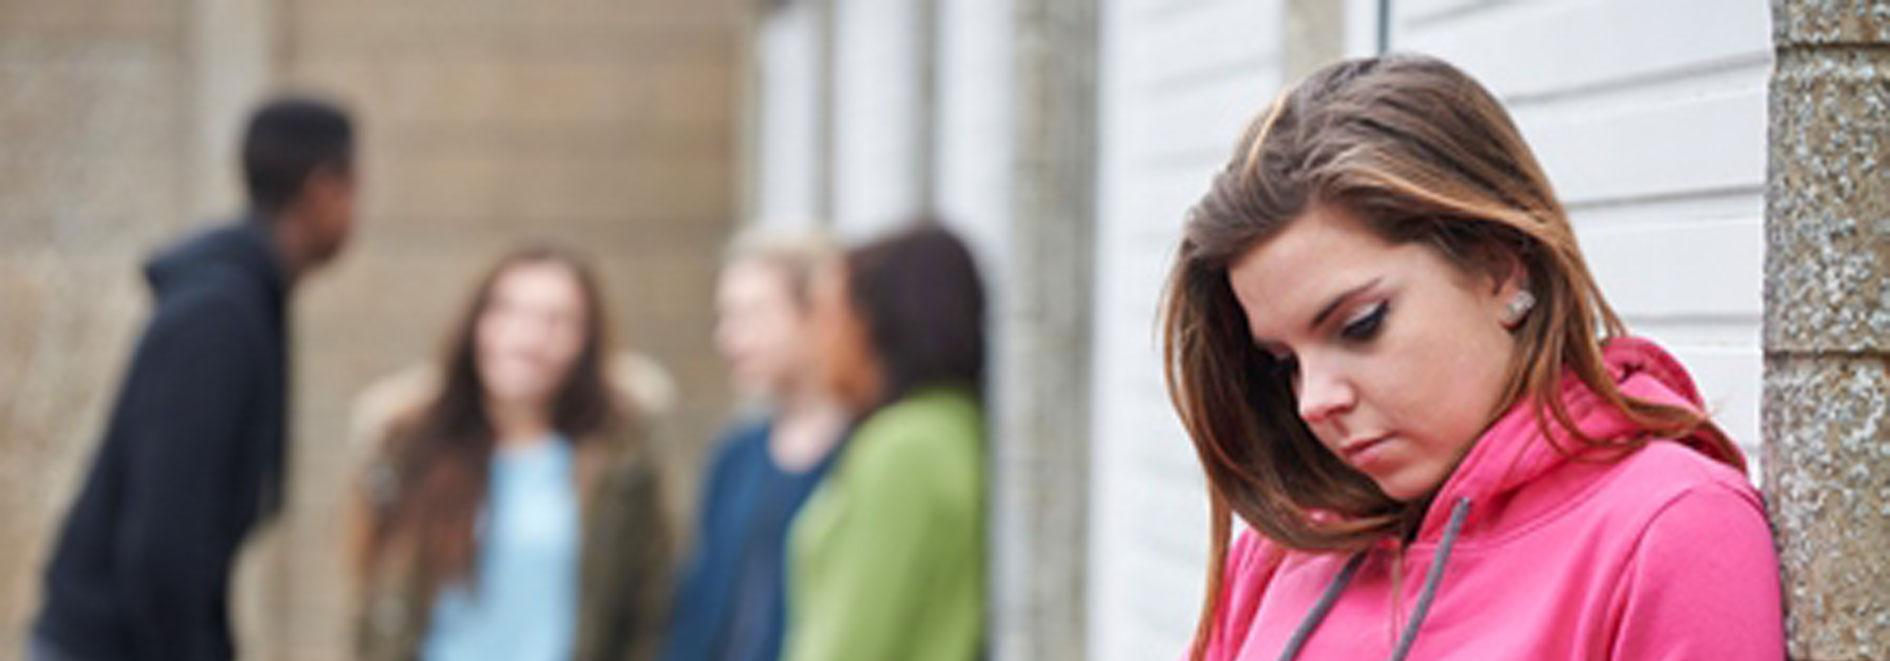 Gedragsproblemen bij pubers